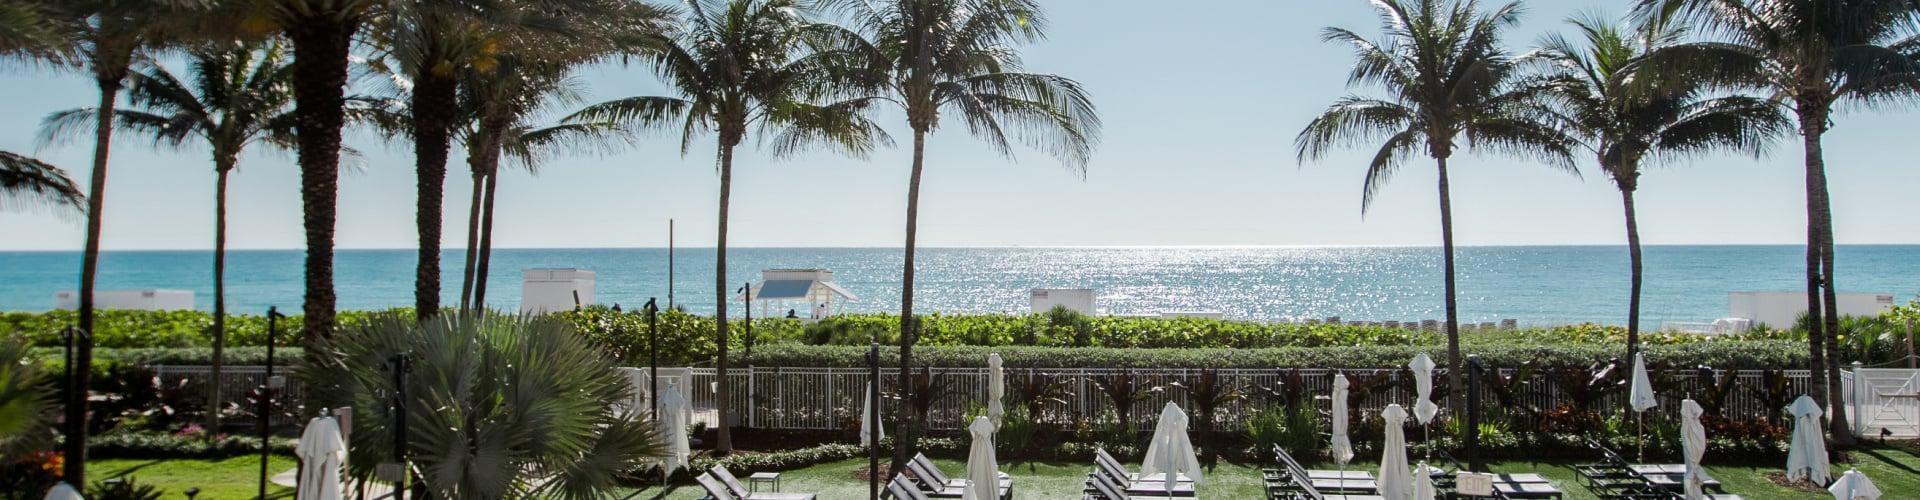 Ocean view from Eden Roc Miami Beach